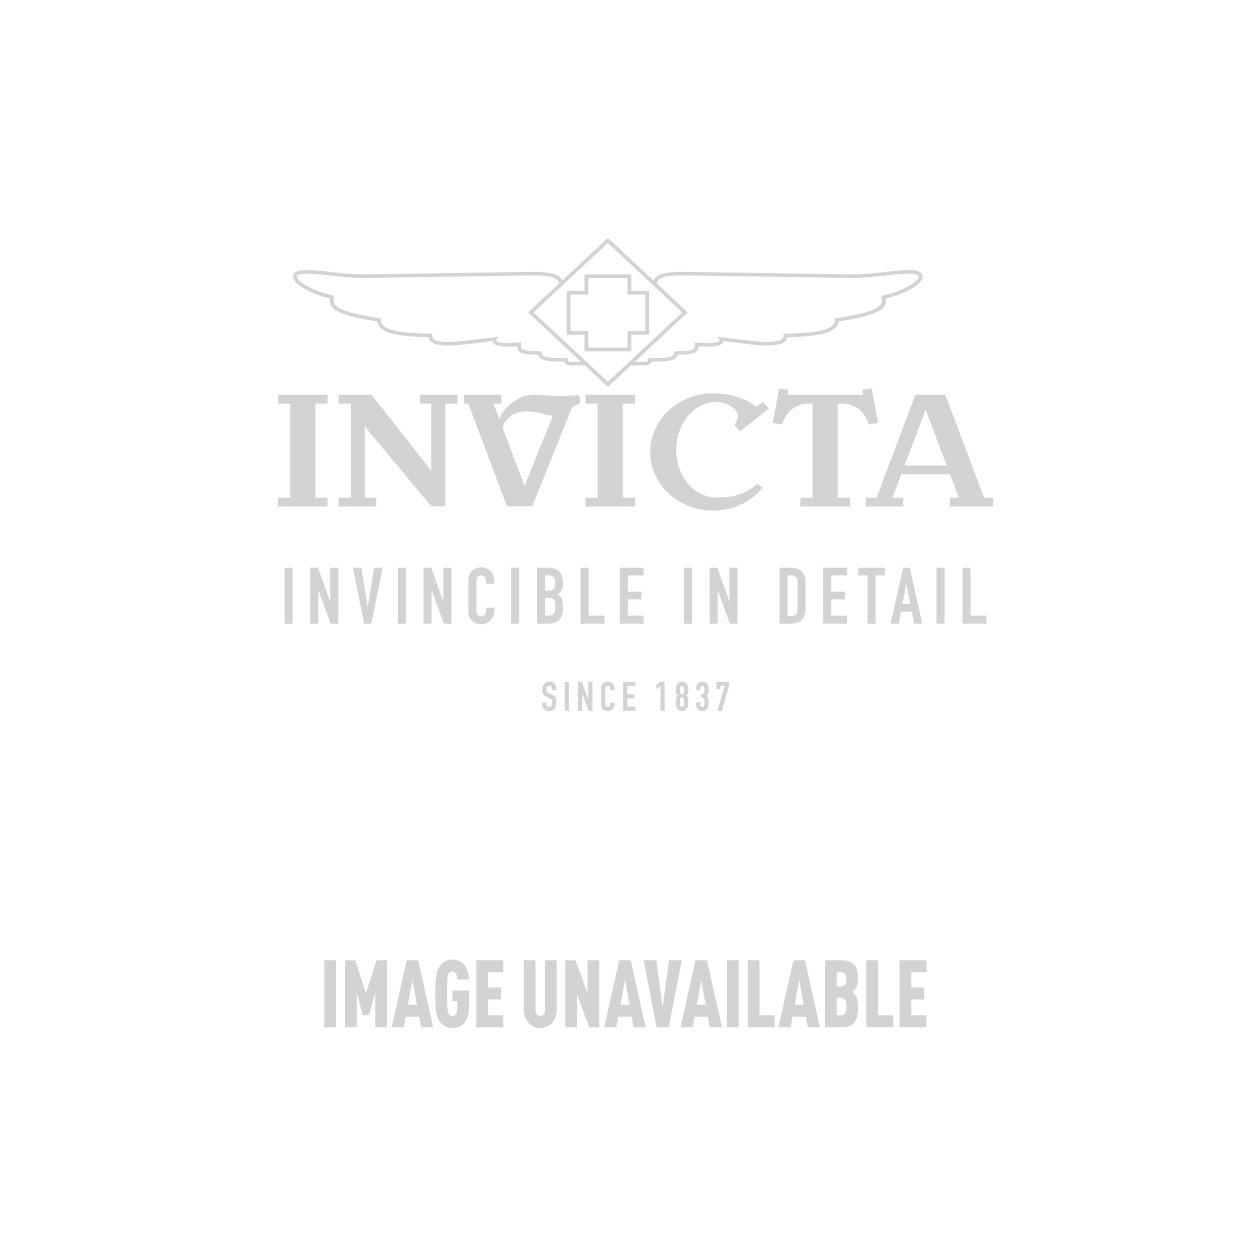 Invicta Model 29420